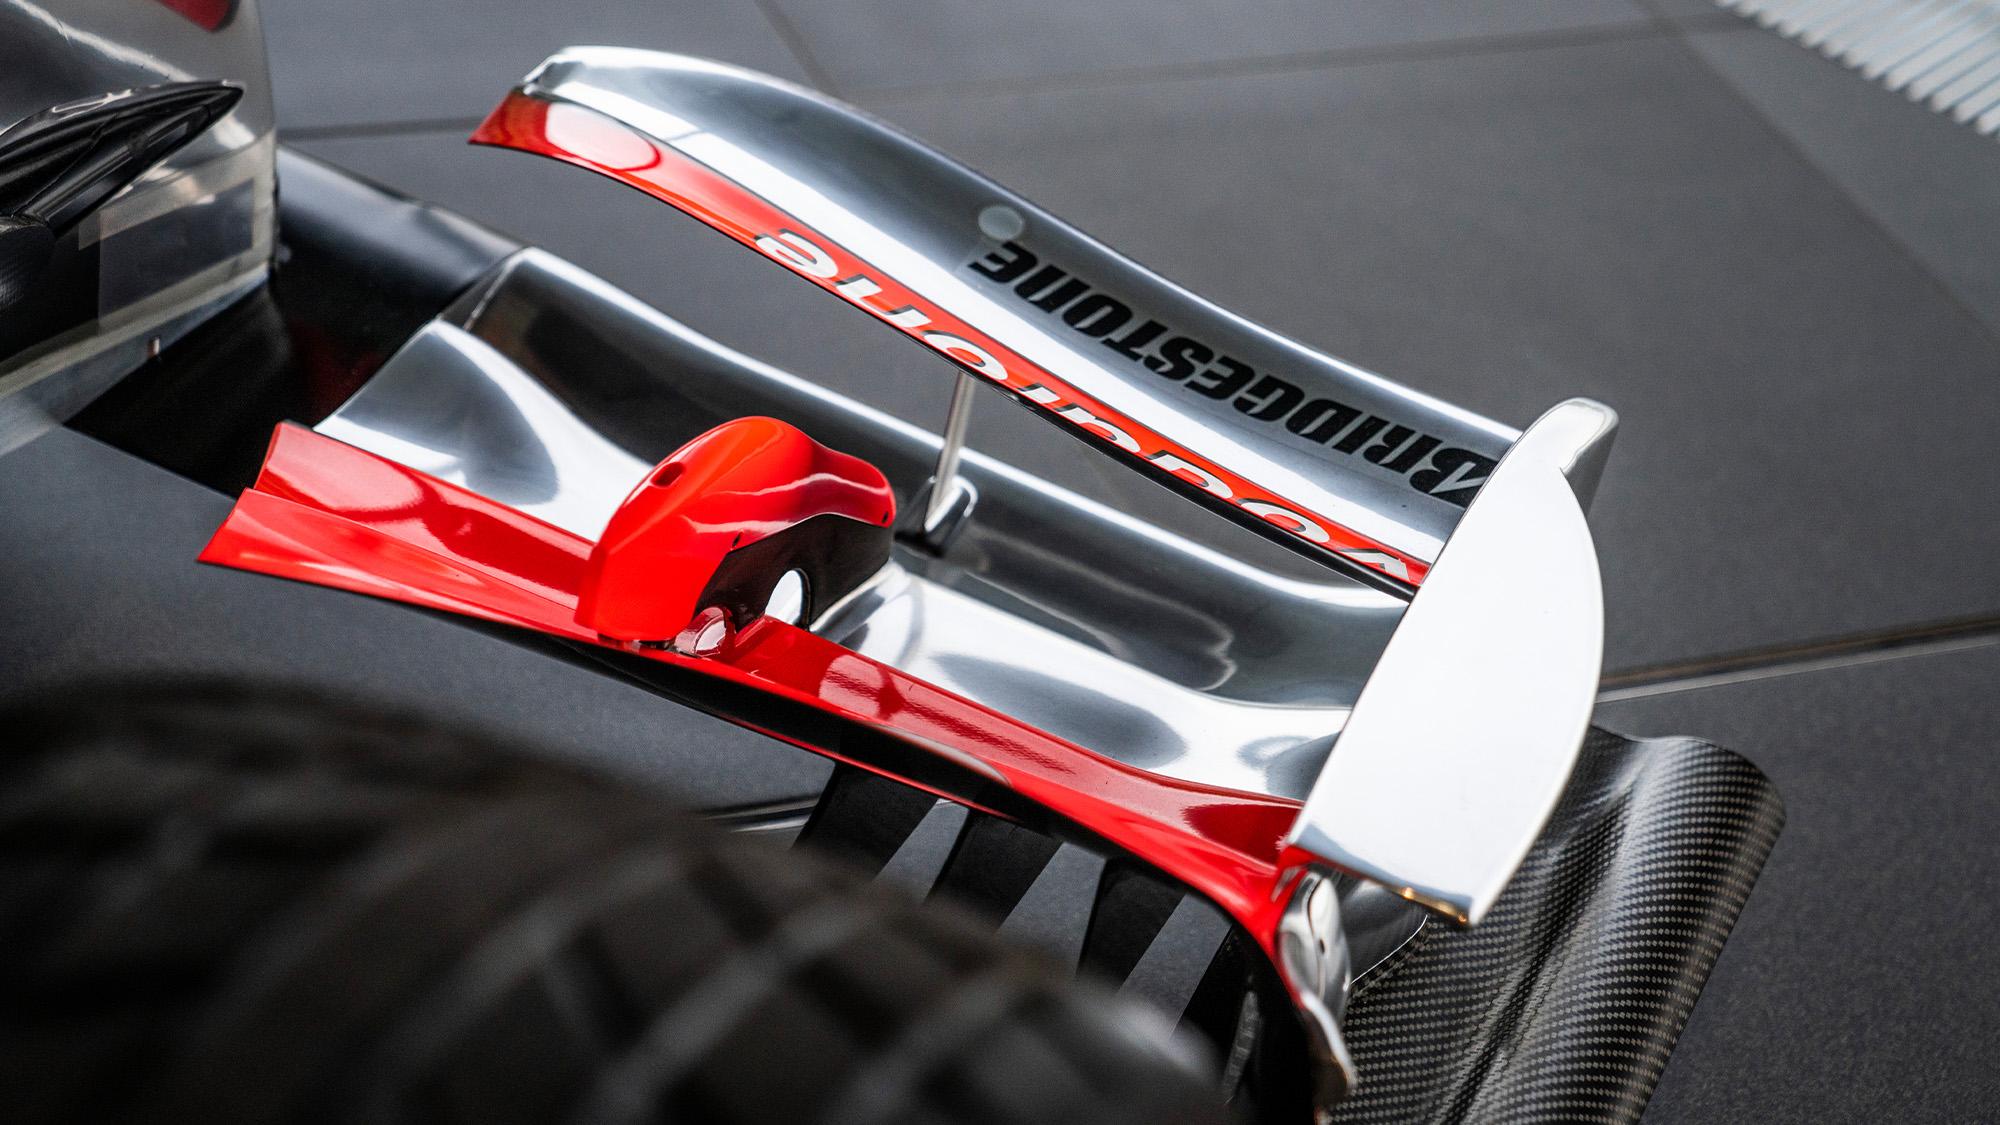 Lewis Hamilton McLaren MP4-25 for auction front wing detail